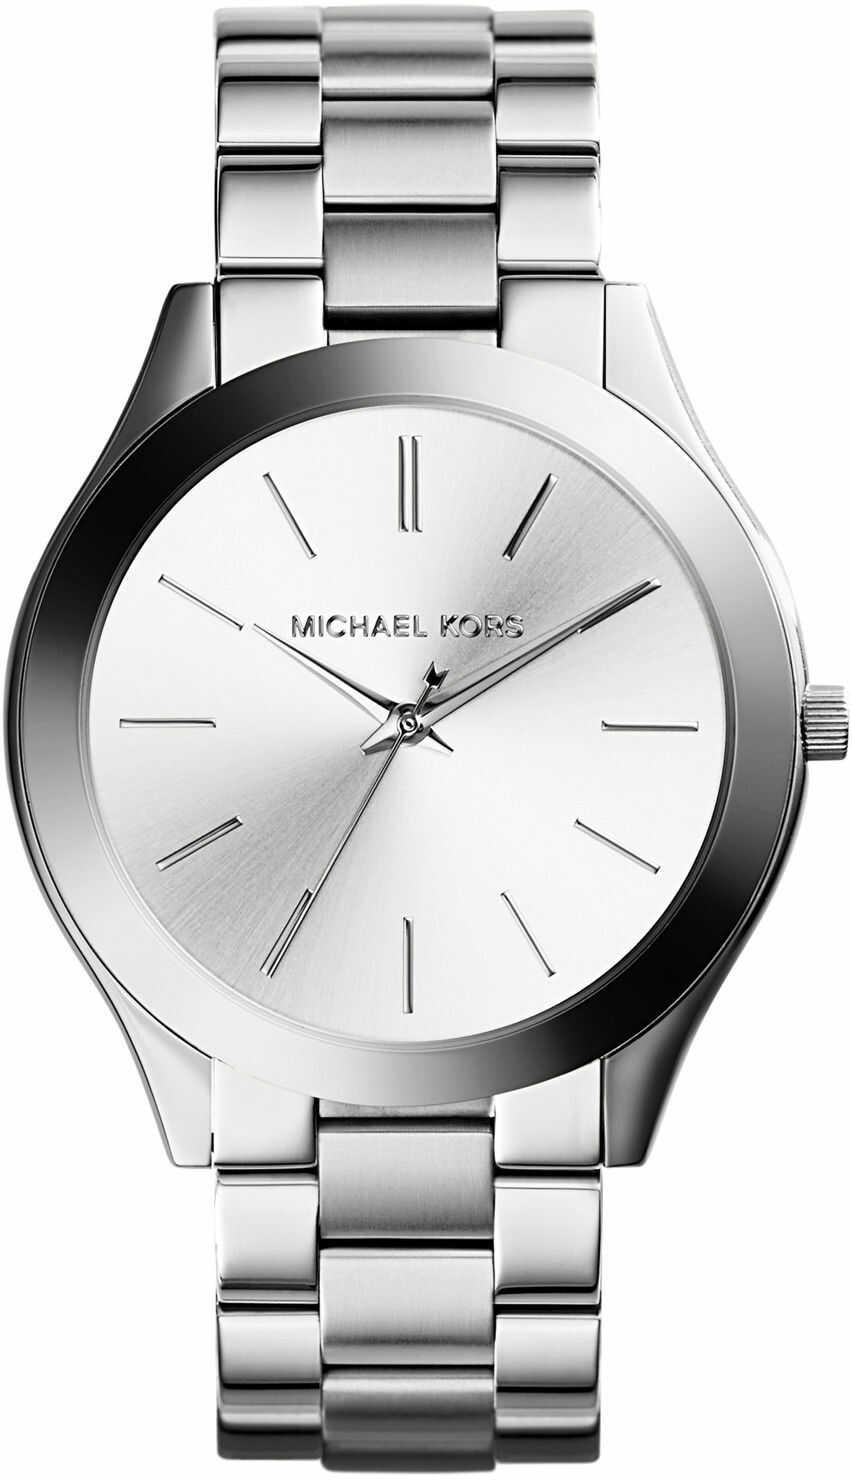 Zegarek Michael Kors MK3178-POWYSTAWOWY SLIM RUNWAY - CENA DO NEGOCJACJI - DOSTAWA DHL GRATIS, KUPUJ BEZ RYZYKA - 100 dni na zwrot, możliwość wygrawerowania dowolnego tekstu.